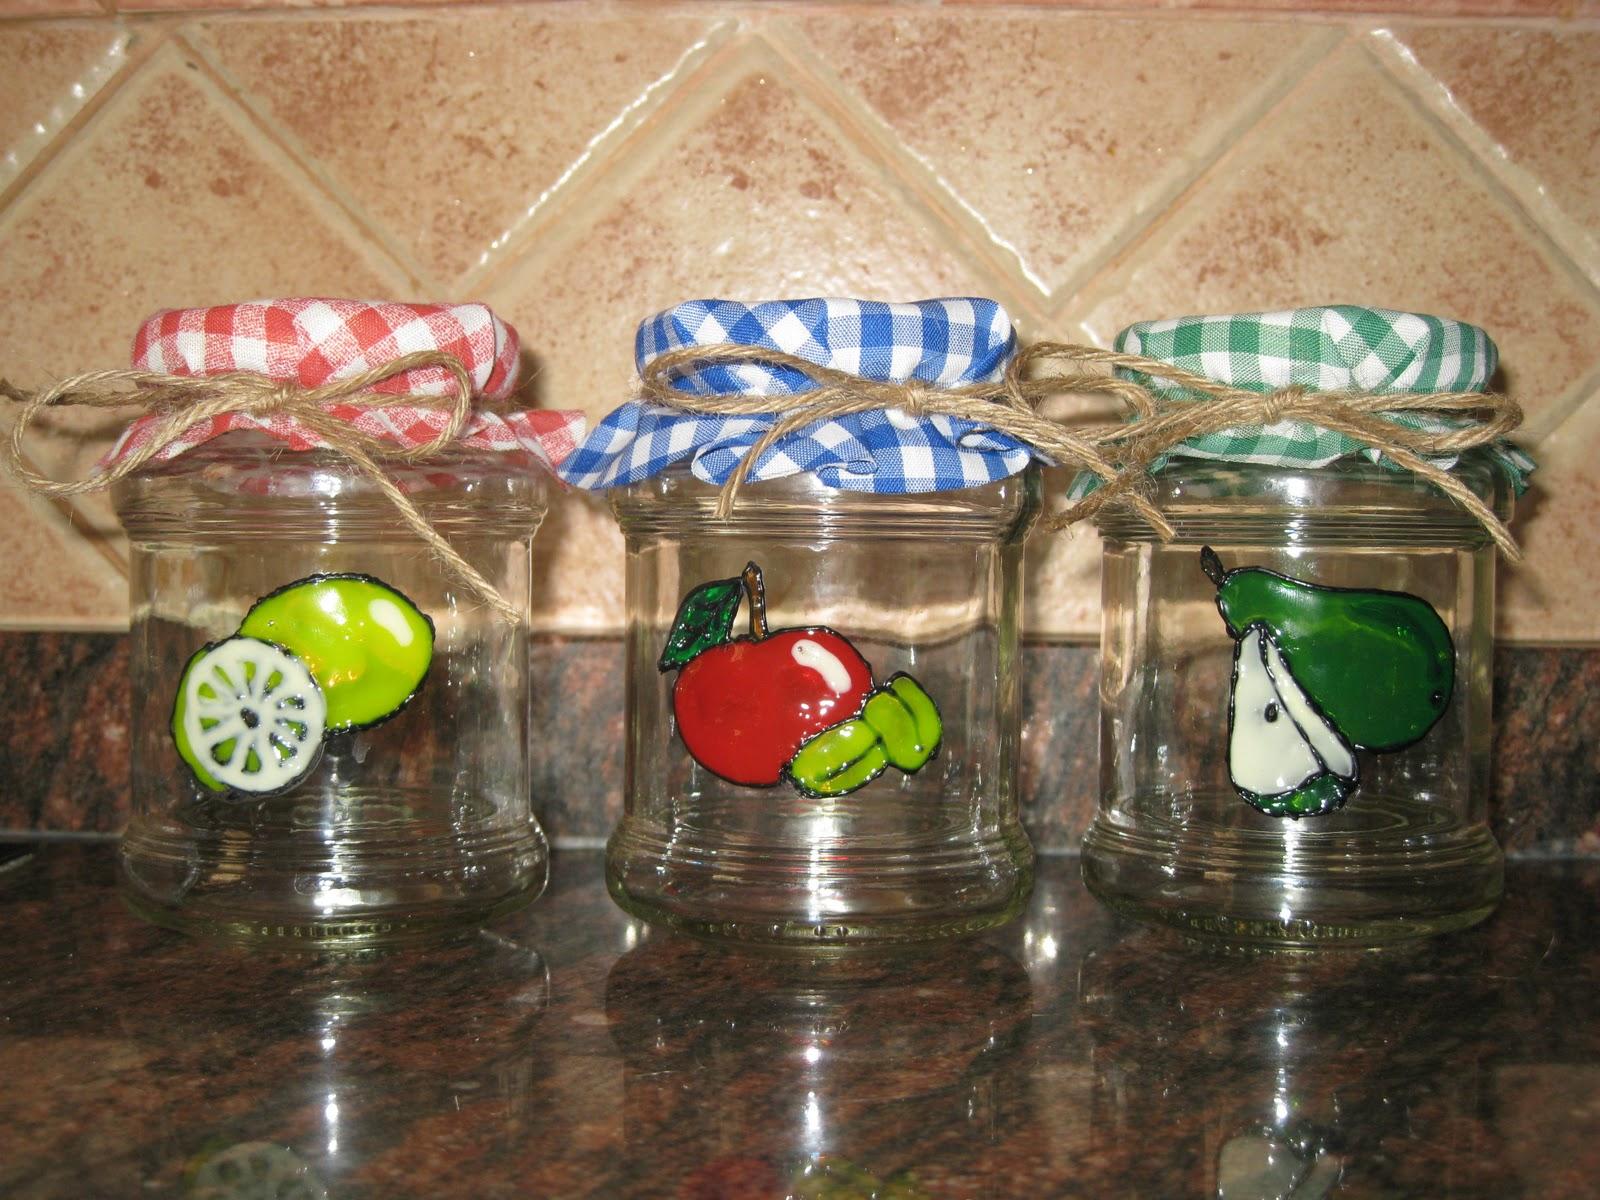 El rincon de mis amigas manos creativas tarros de cocina for Tarros de cocina baratos